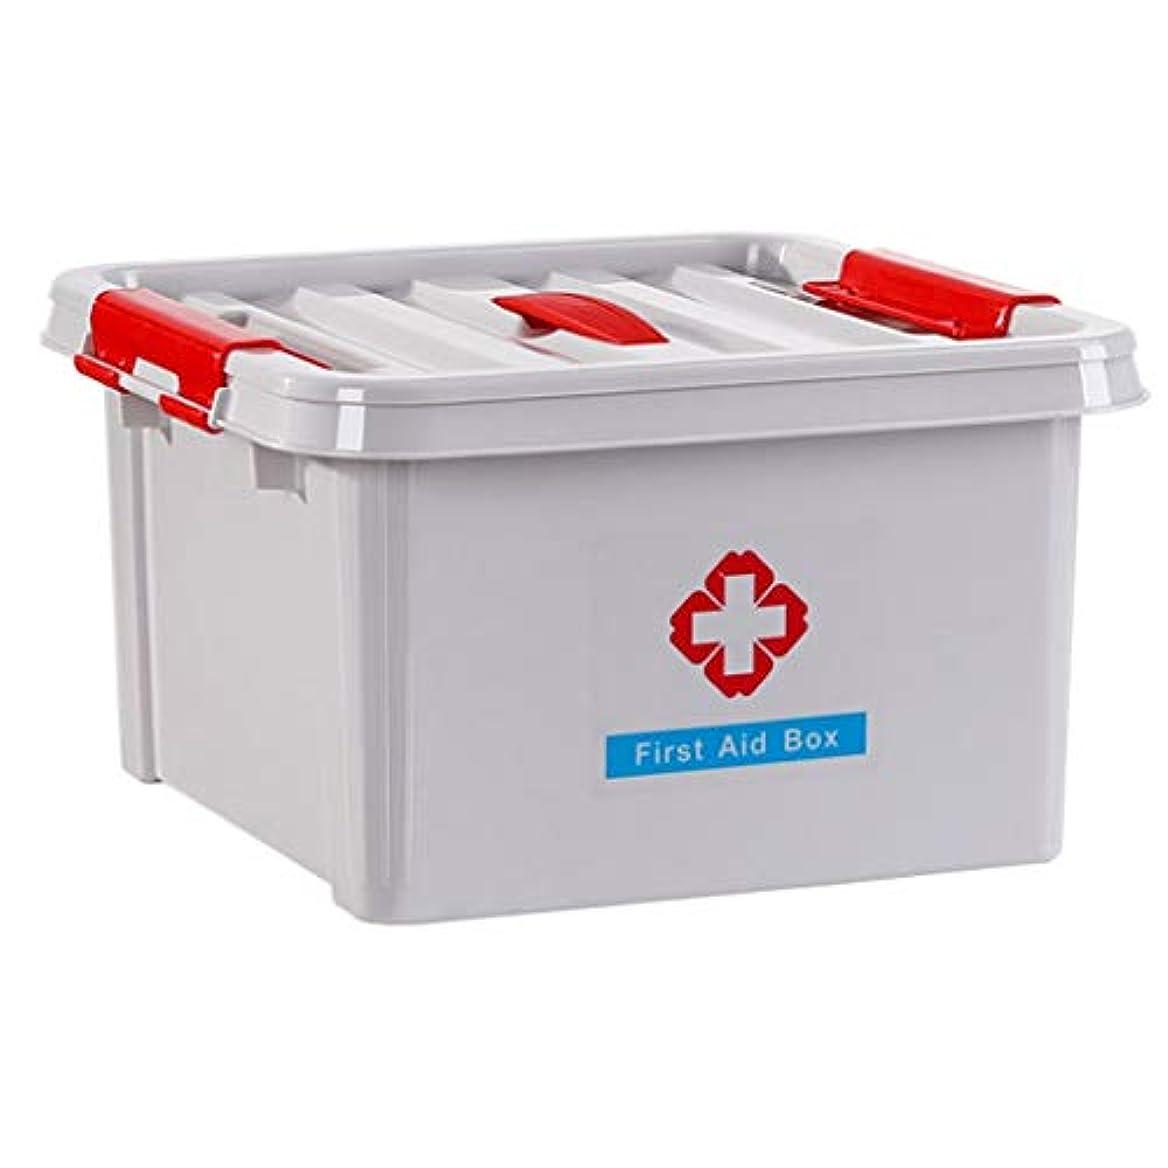 スパークキャラバンミサイルLLSDD 取り外し可能なプラスチック製のクラフト収納ボックスオーガナイザー医療ボックスホーム付きポータブル収納ボックス (Color : Gray)